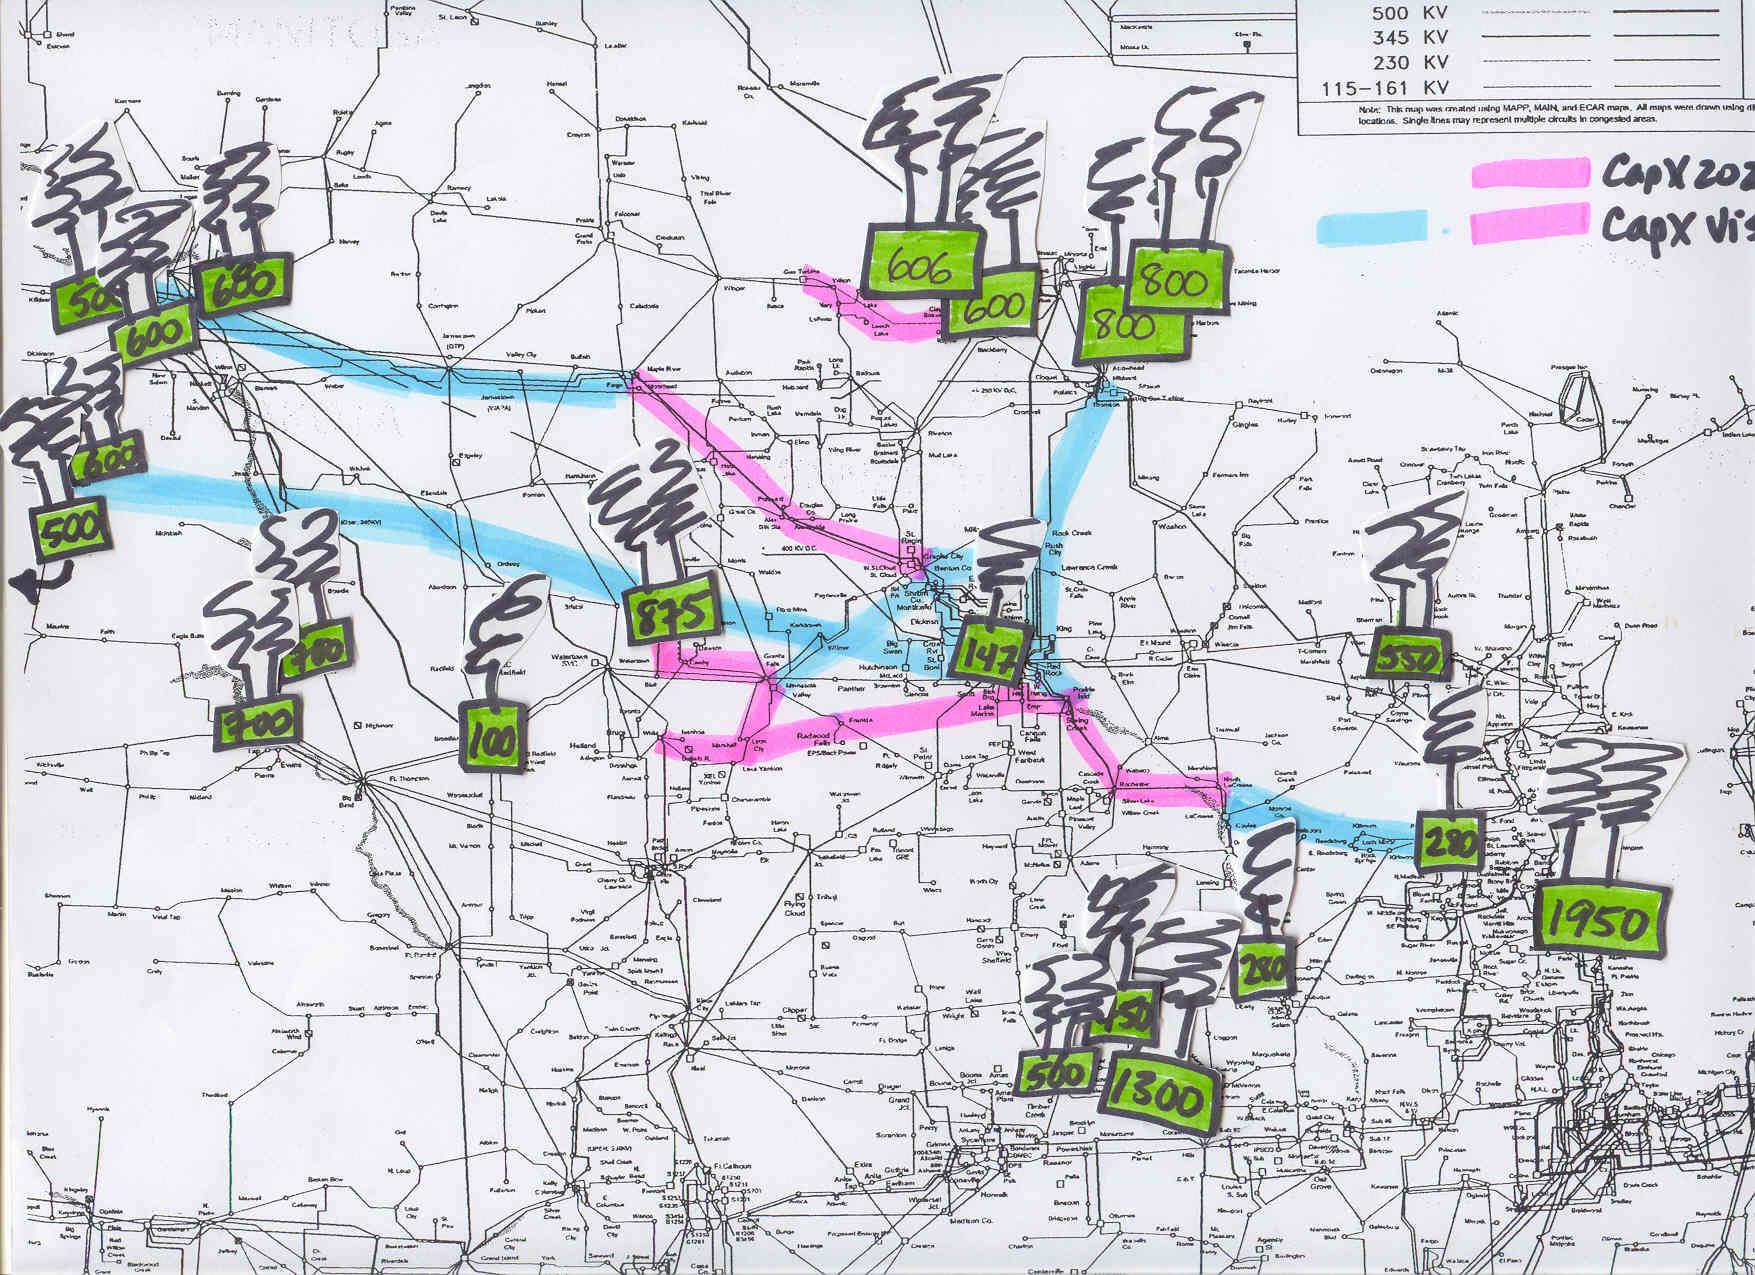 miso-queue-capx2020-2007-map.jpg